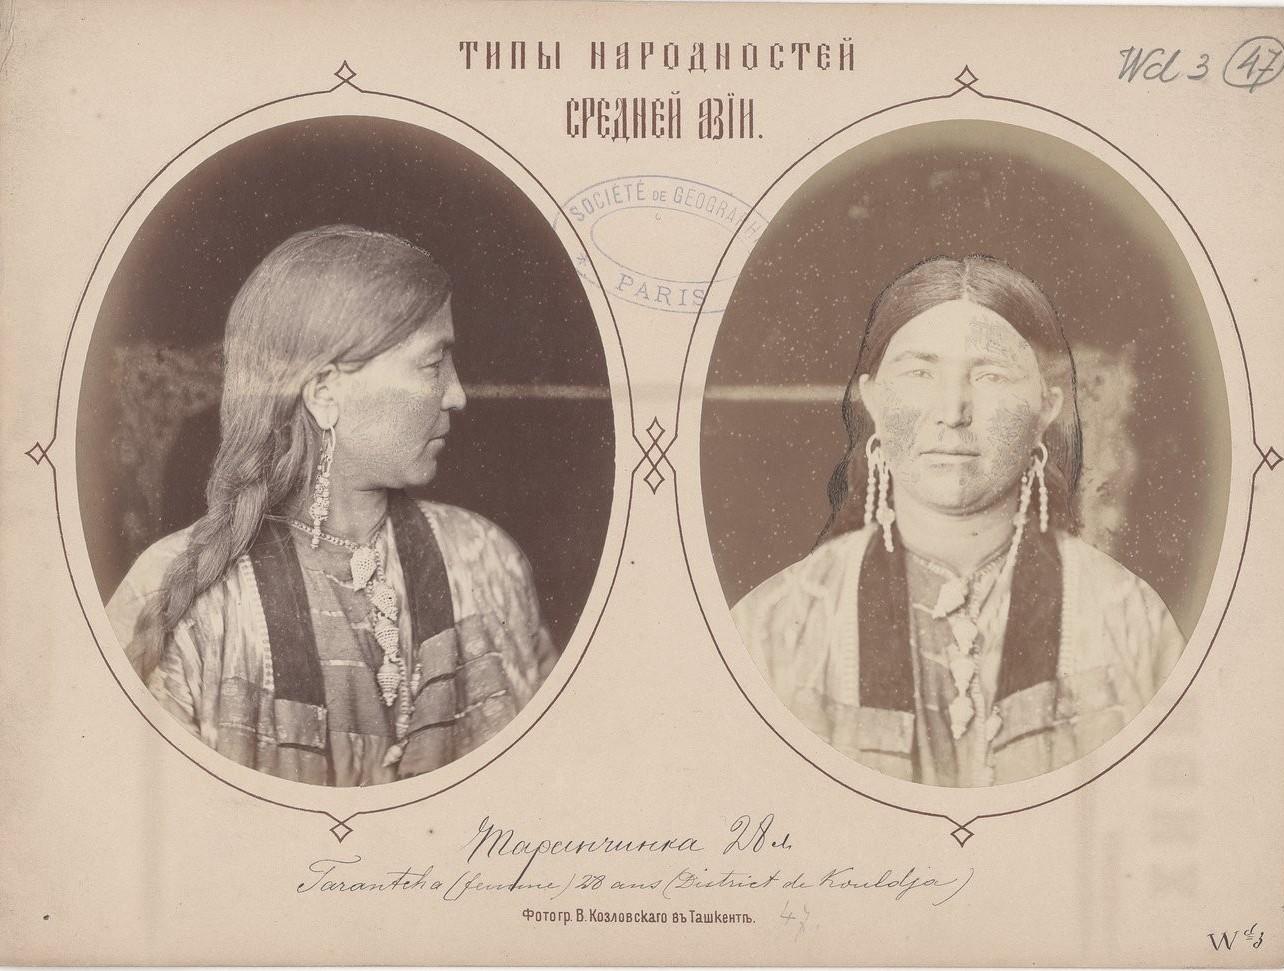 Таранчинка, 28 лет. Кульджа, Илийский край